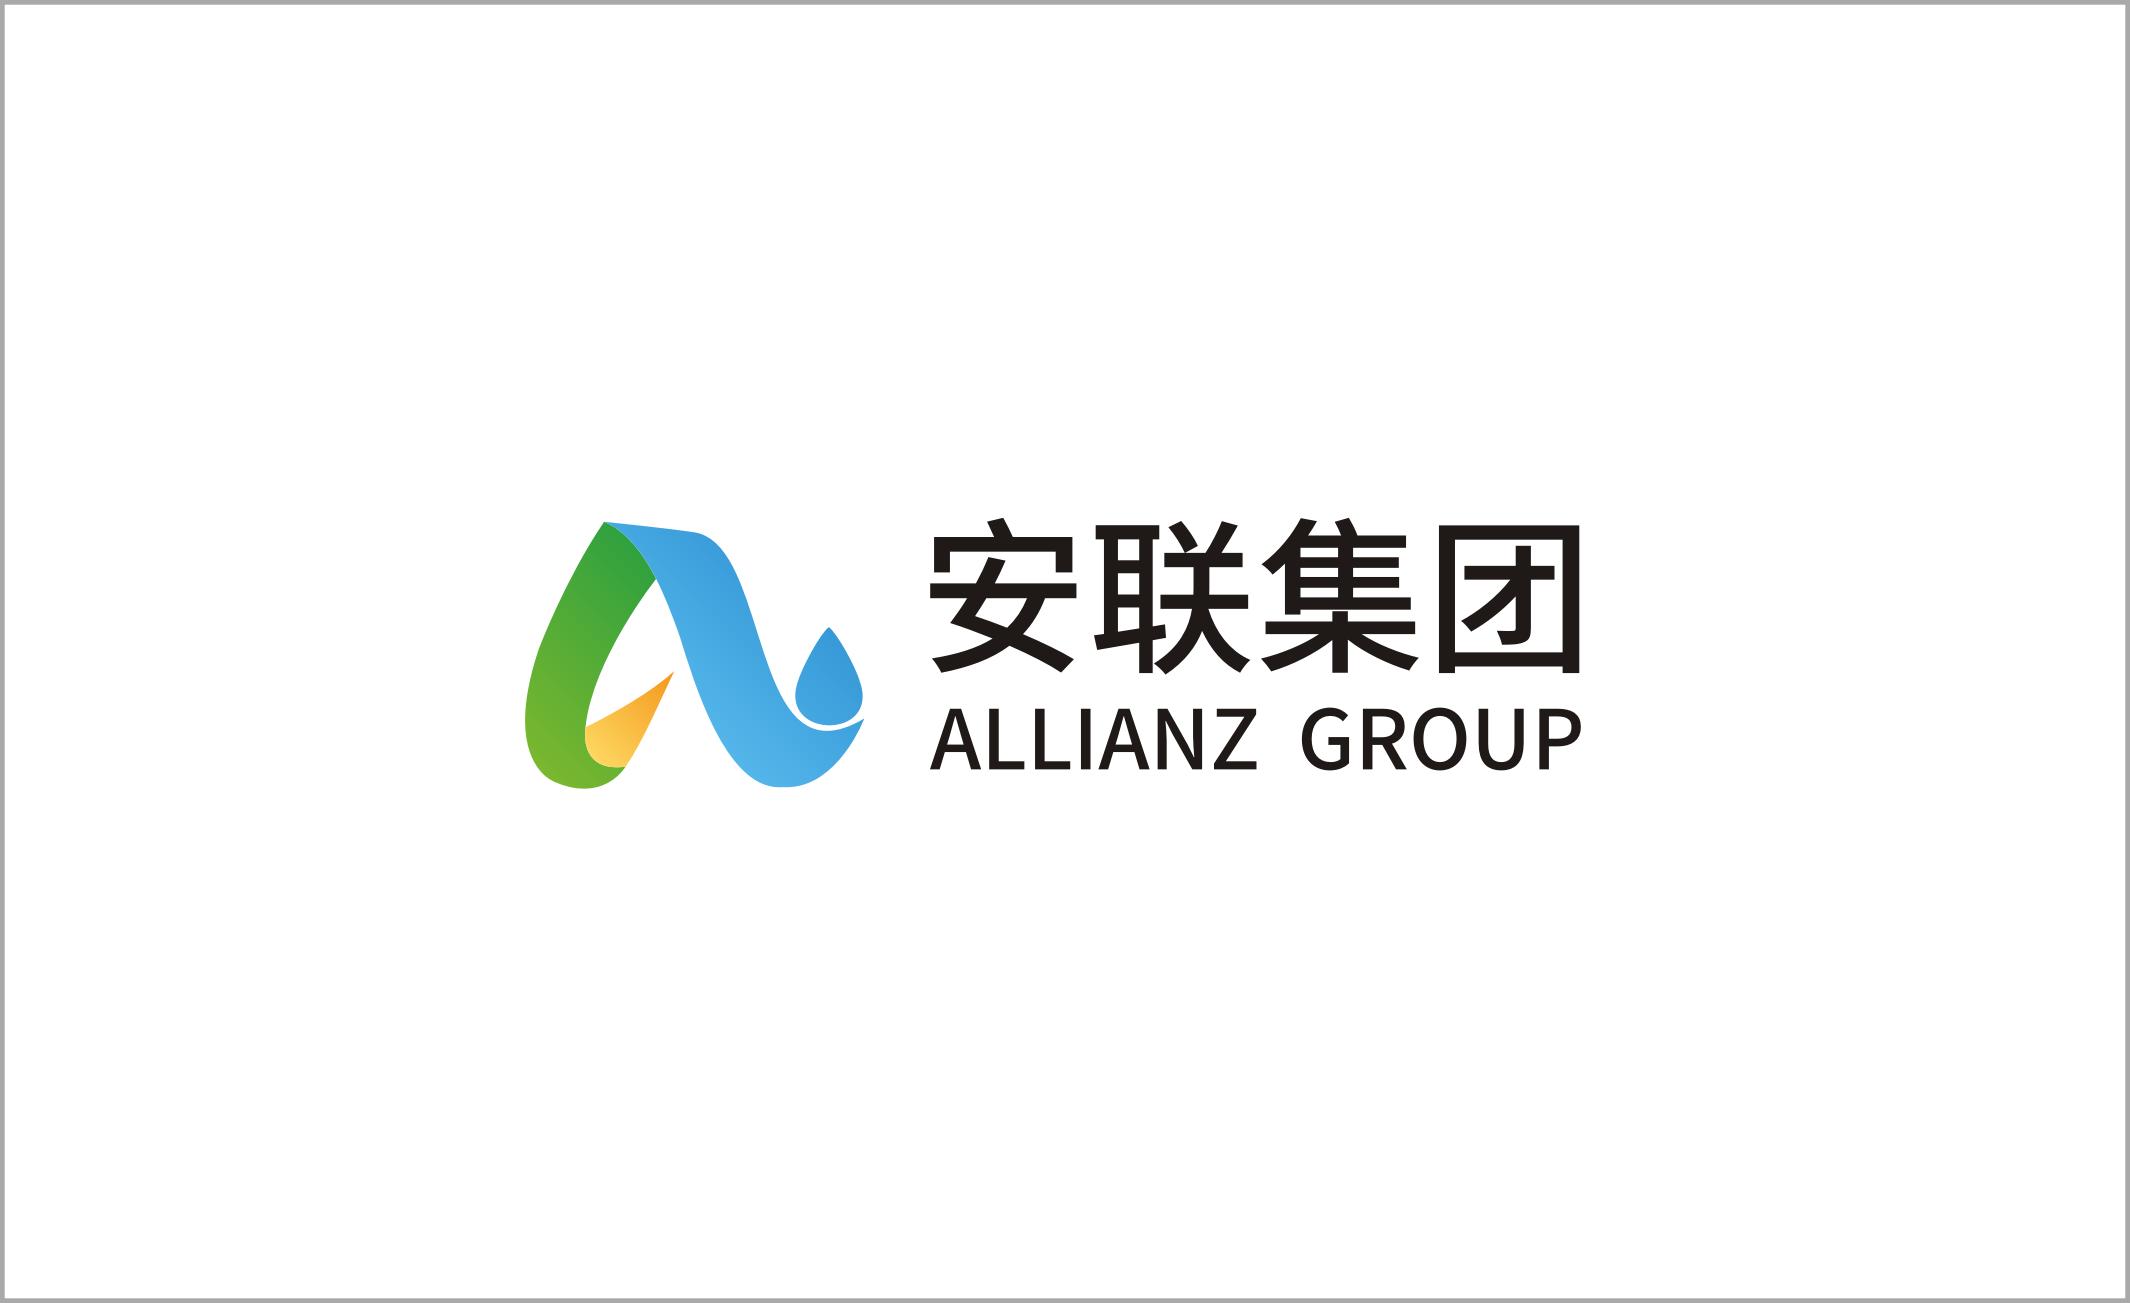 安联环境科技集团股份公司的企业标志